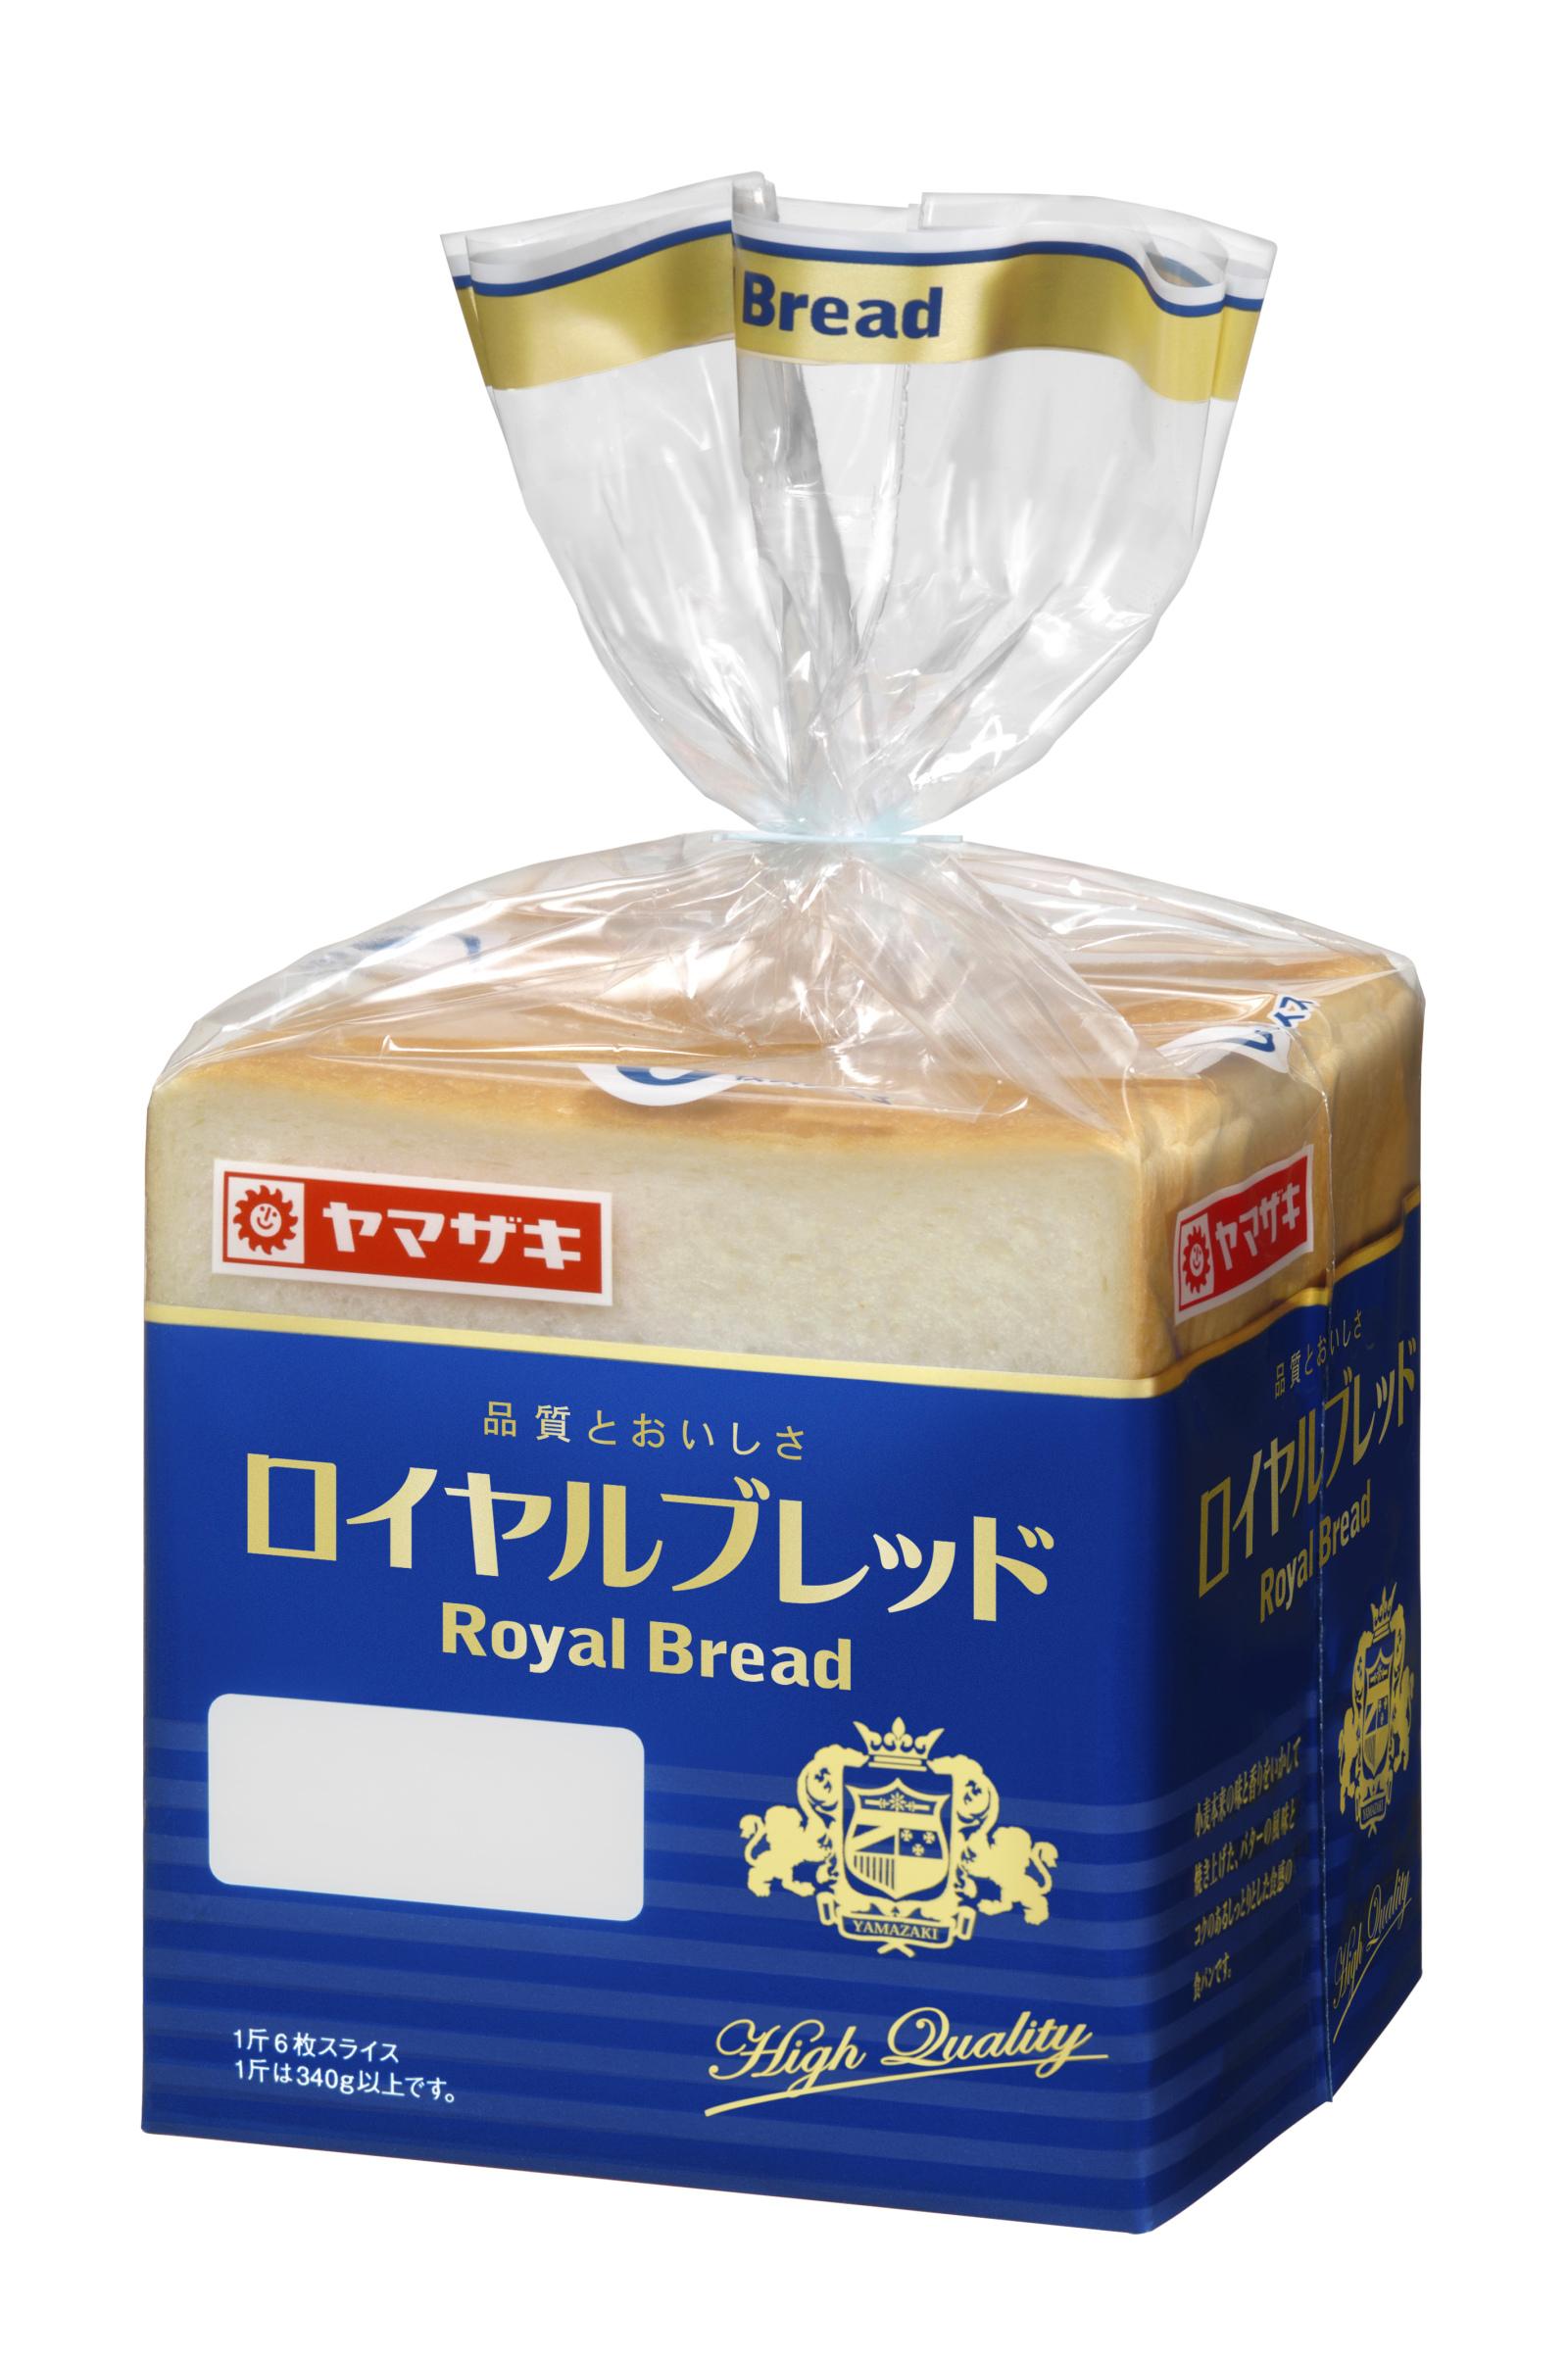 山崎製パン ロイヤルブレッド